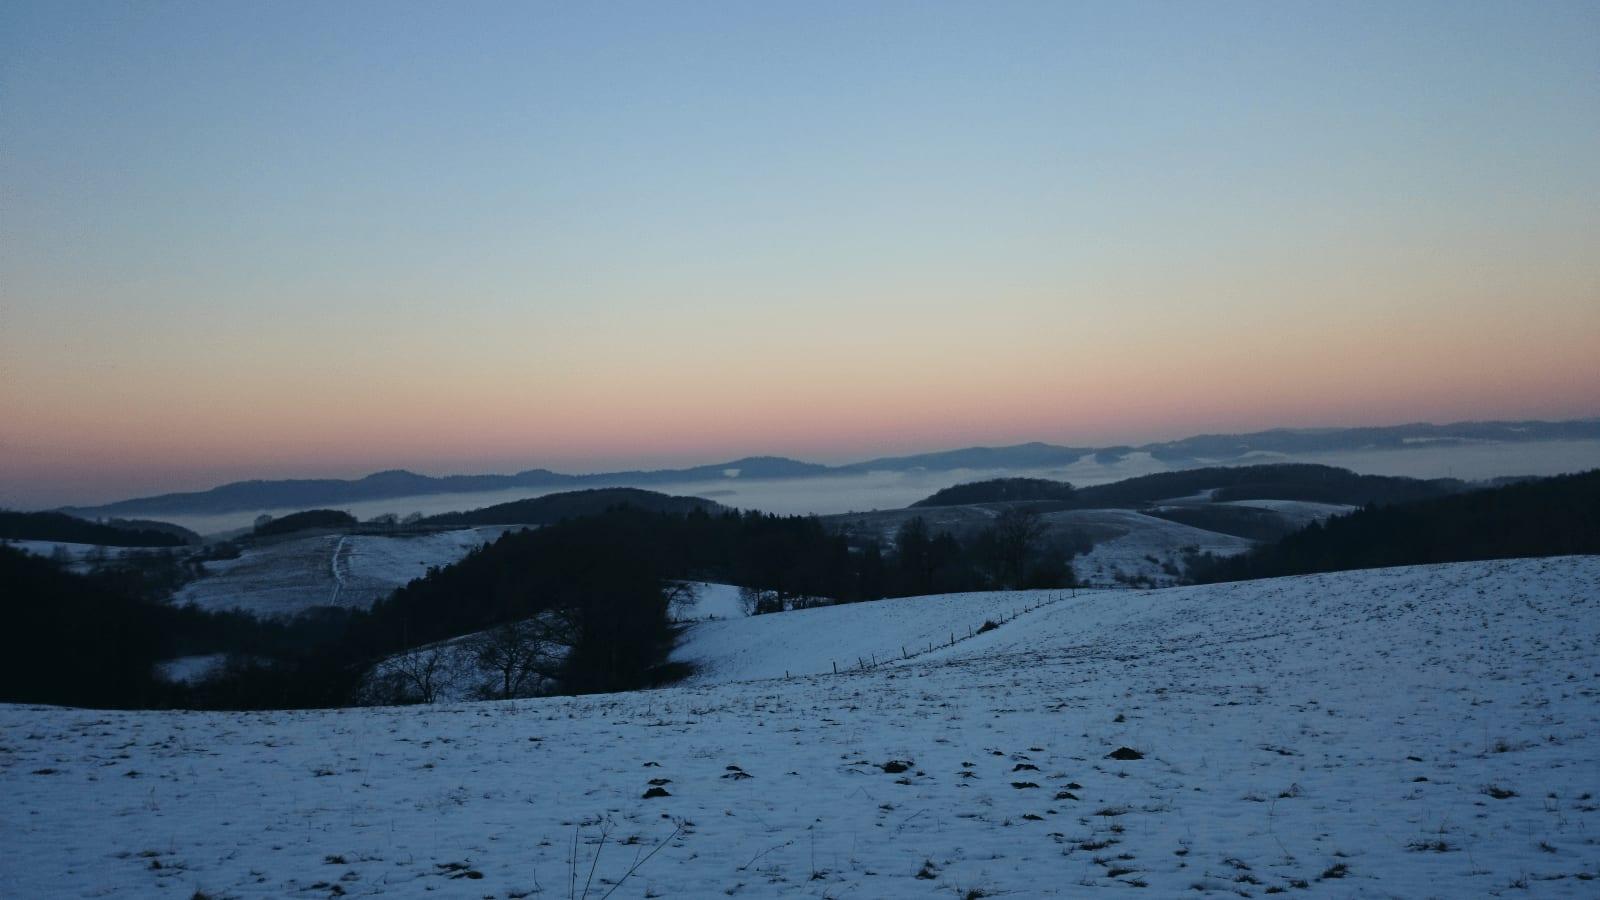 Schule Craniosacral Healing Ausbildung + Kurse Vöckelsbach Winterpanorama Winter